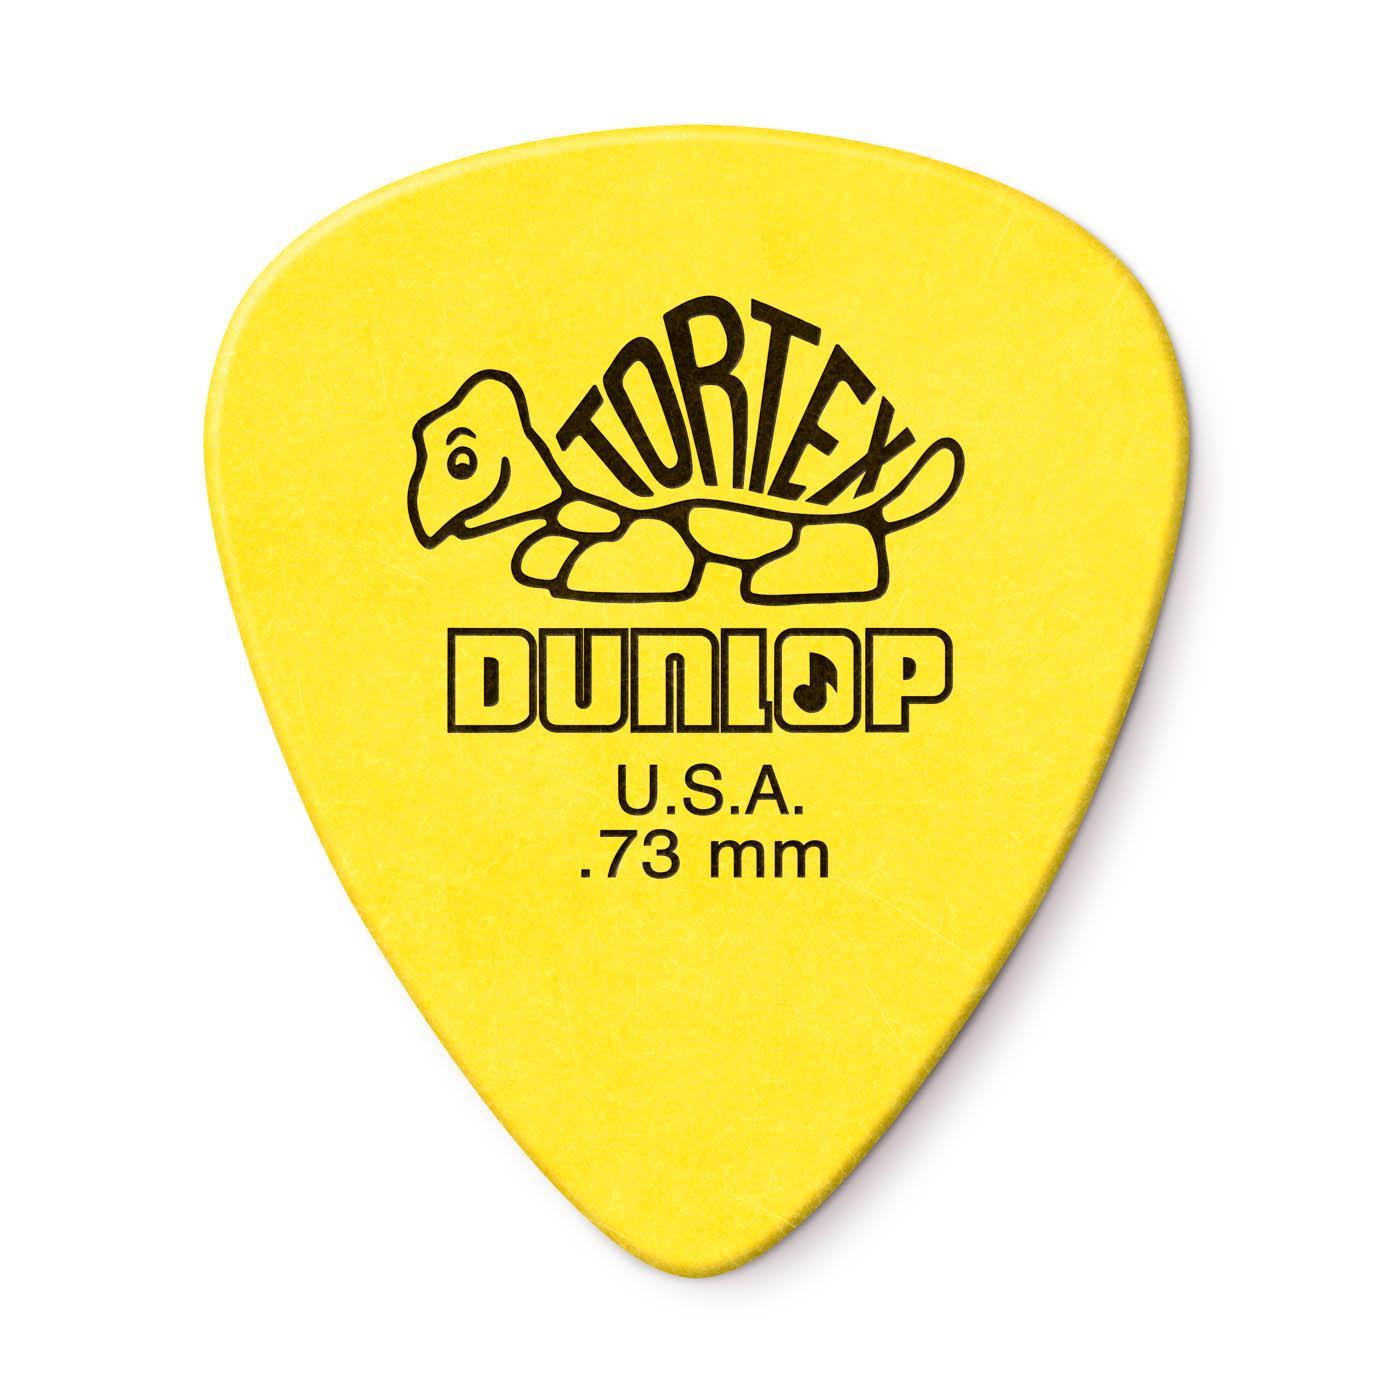 dunlop tortex  : Dunlop Tortex Standard .73mm Yellow Guitar Pick - 12 ...